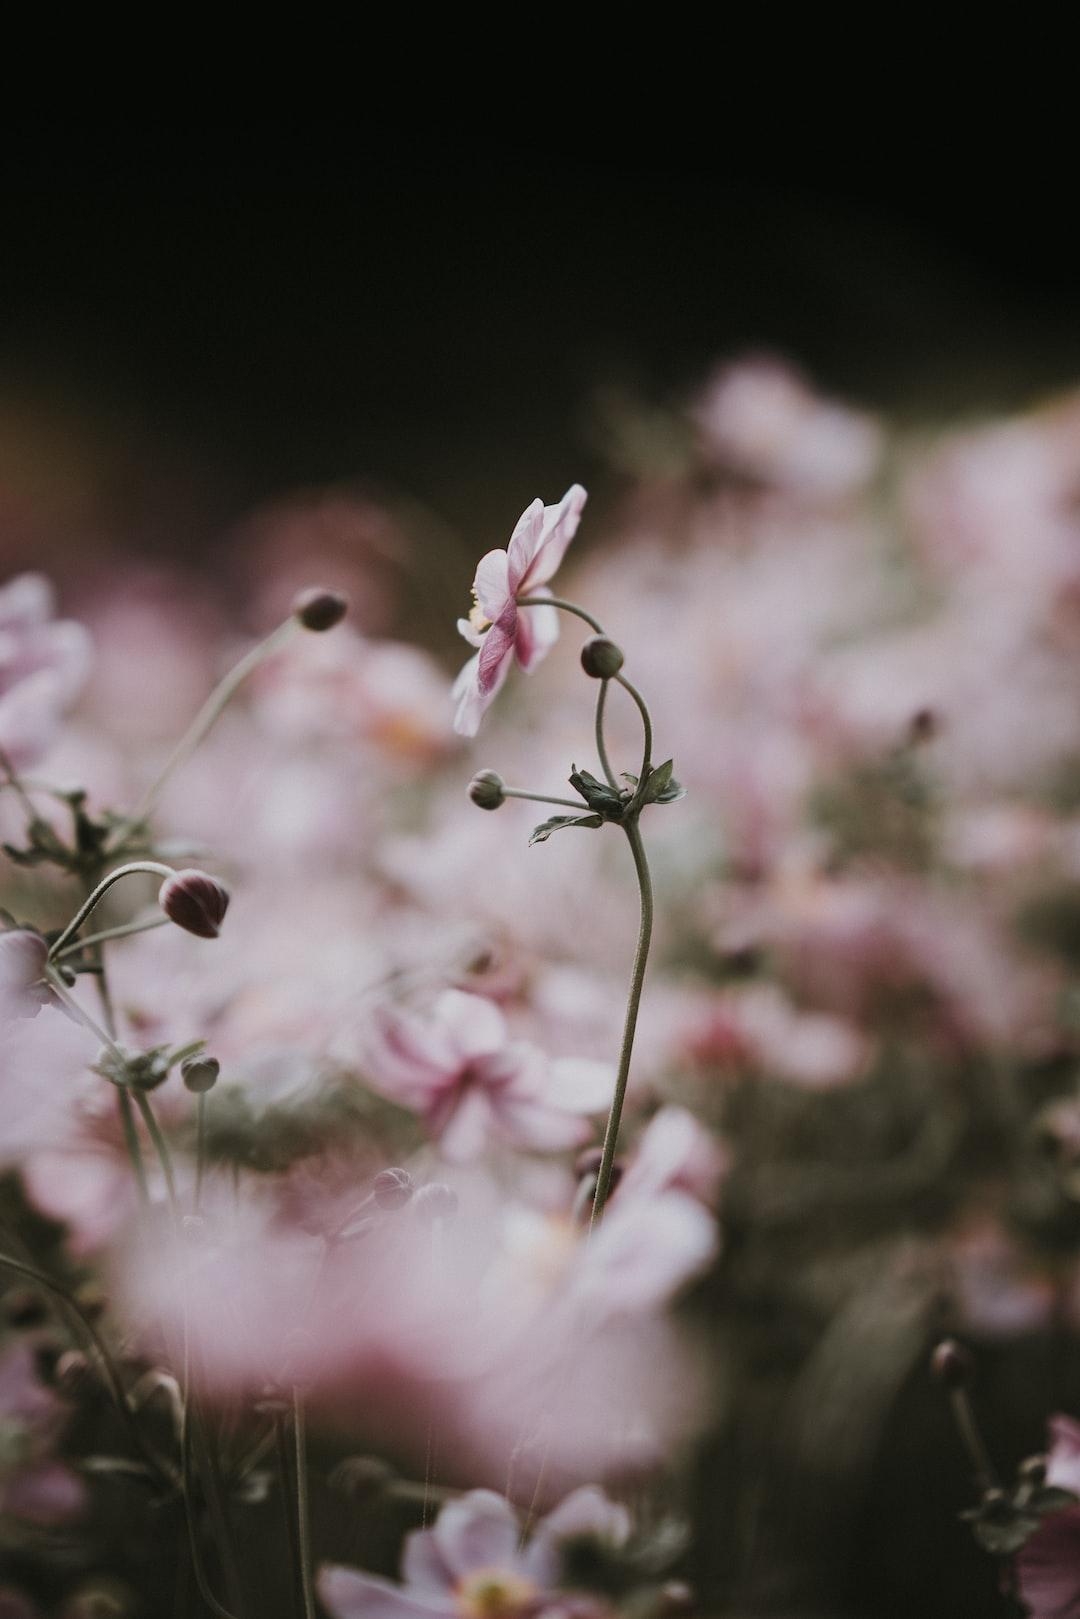 3870. Virágok